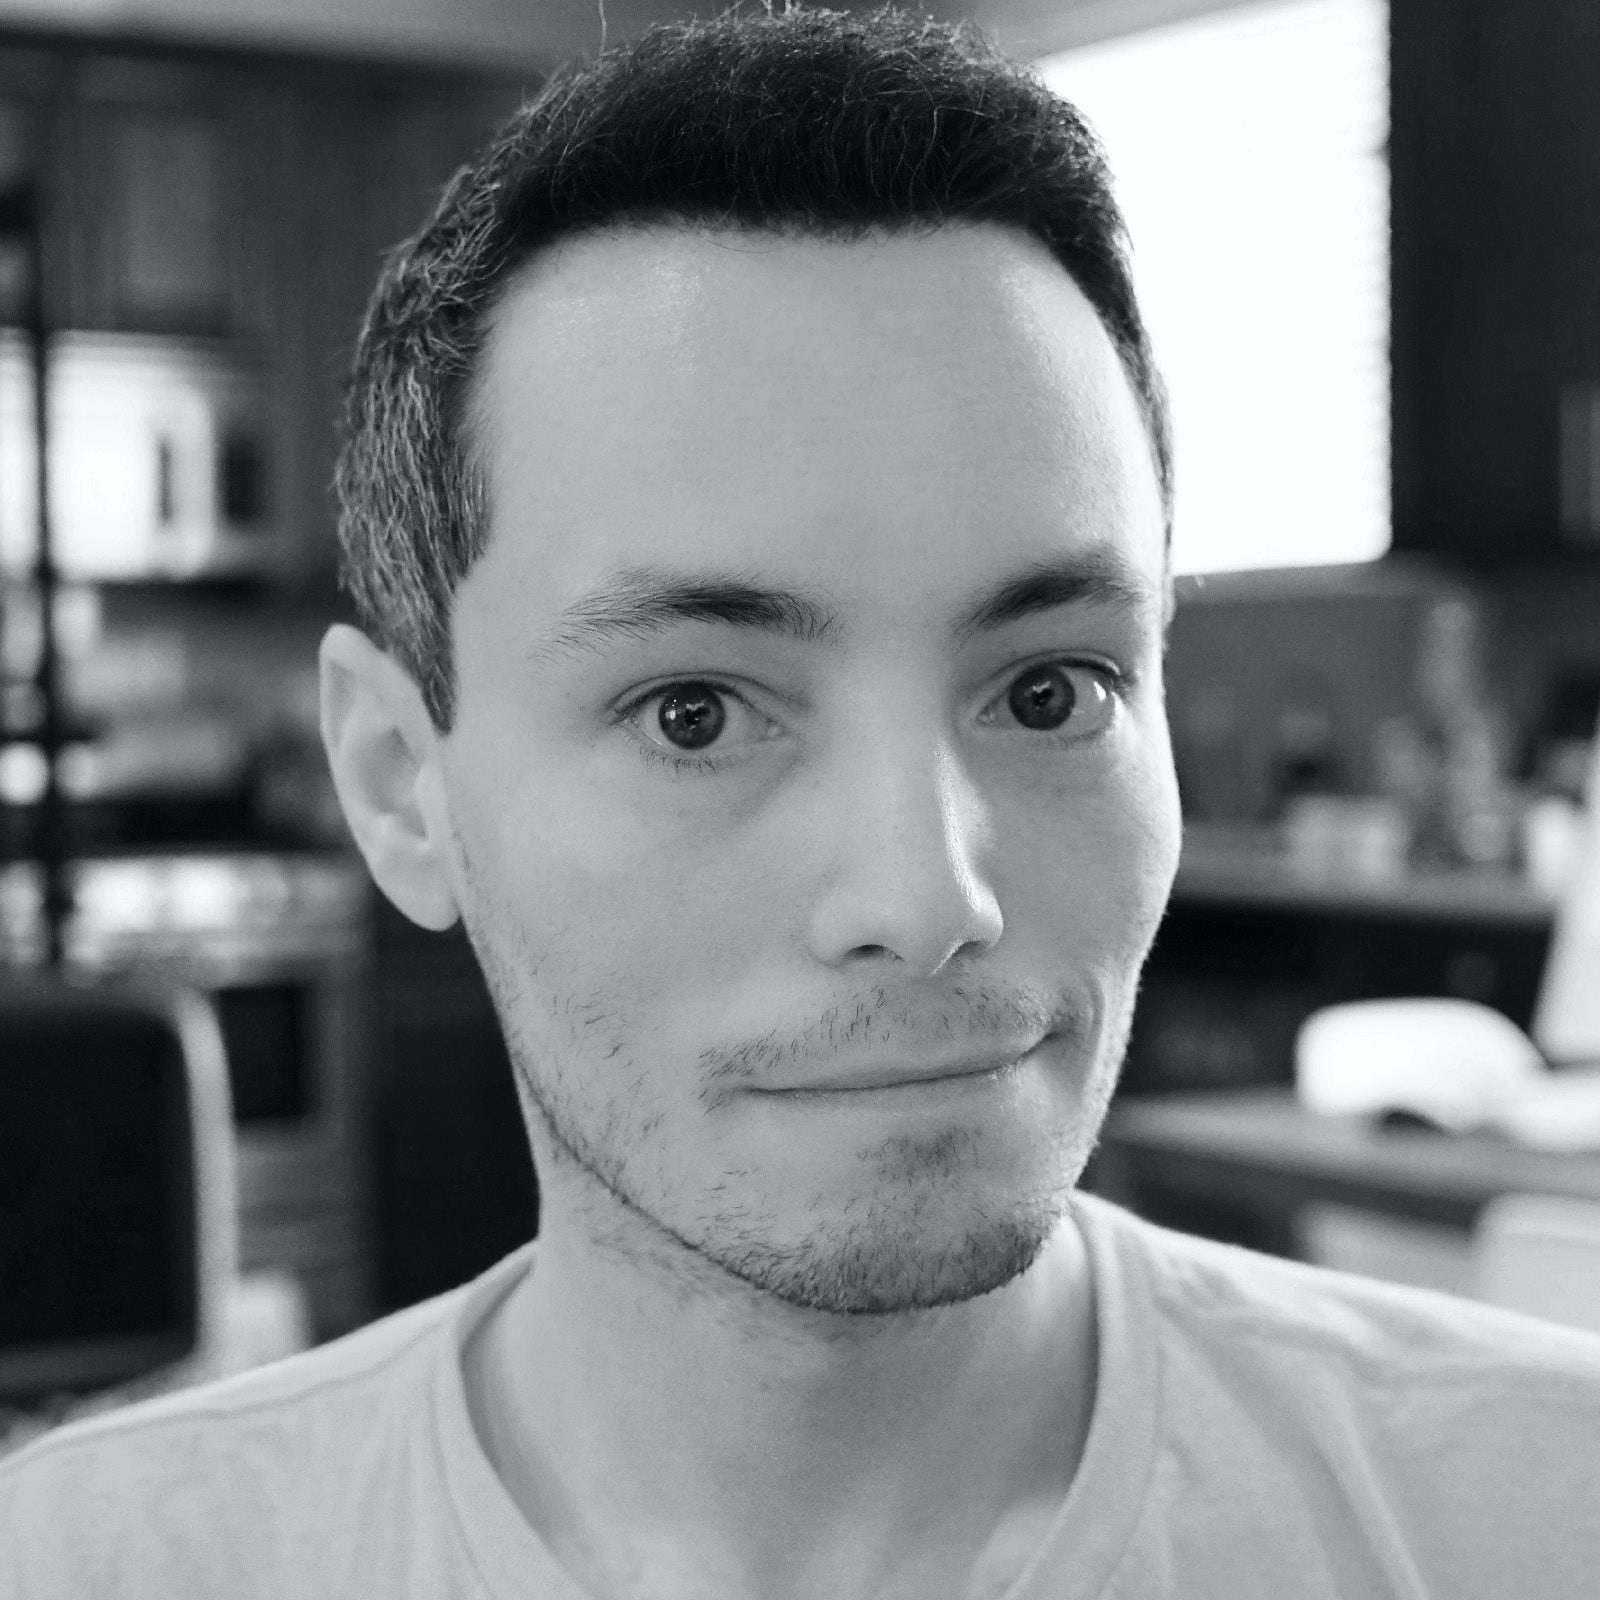 Go to Adam Dachis's profile